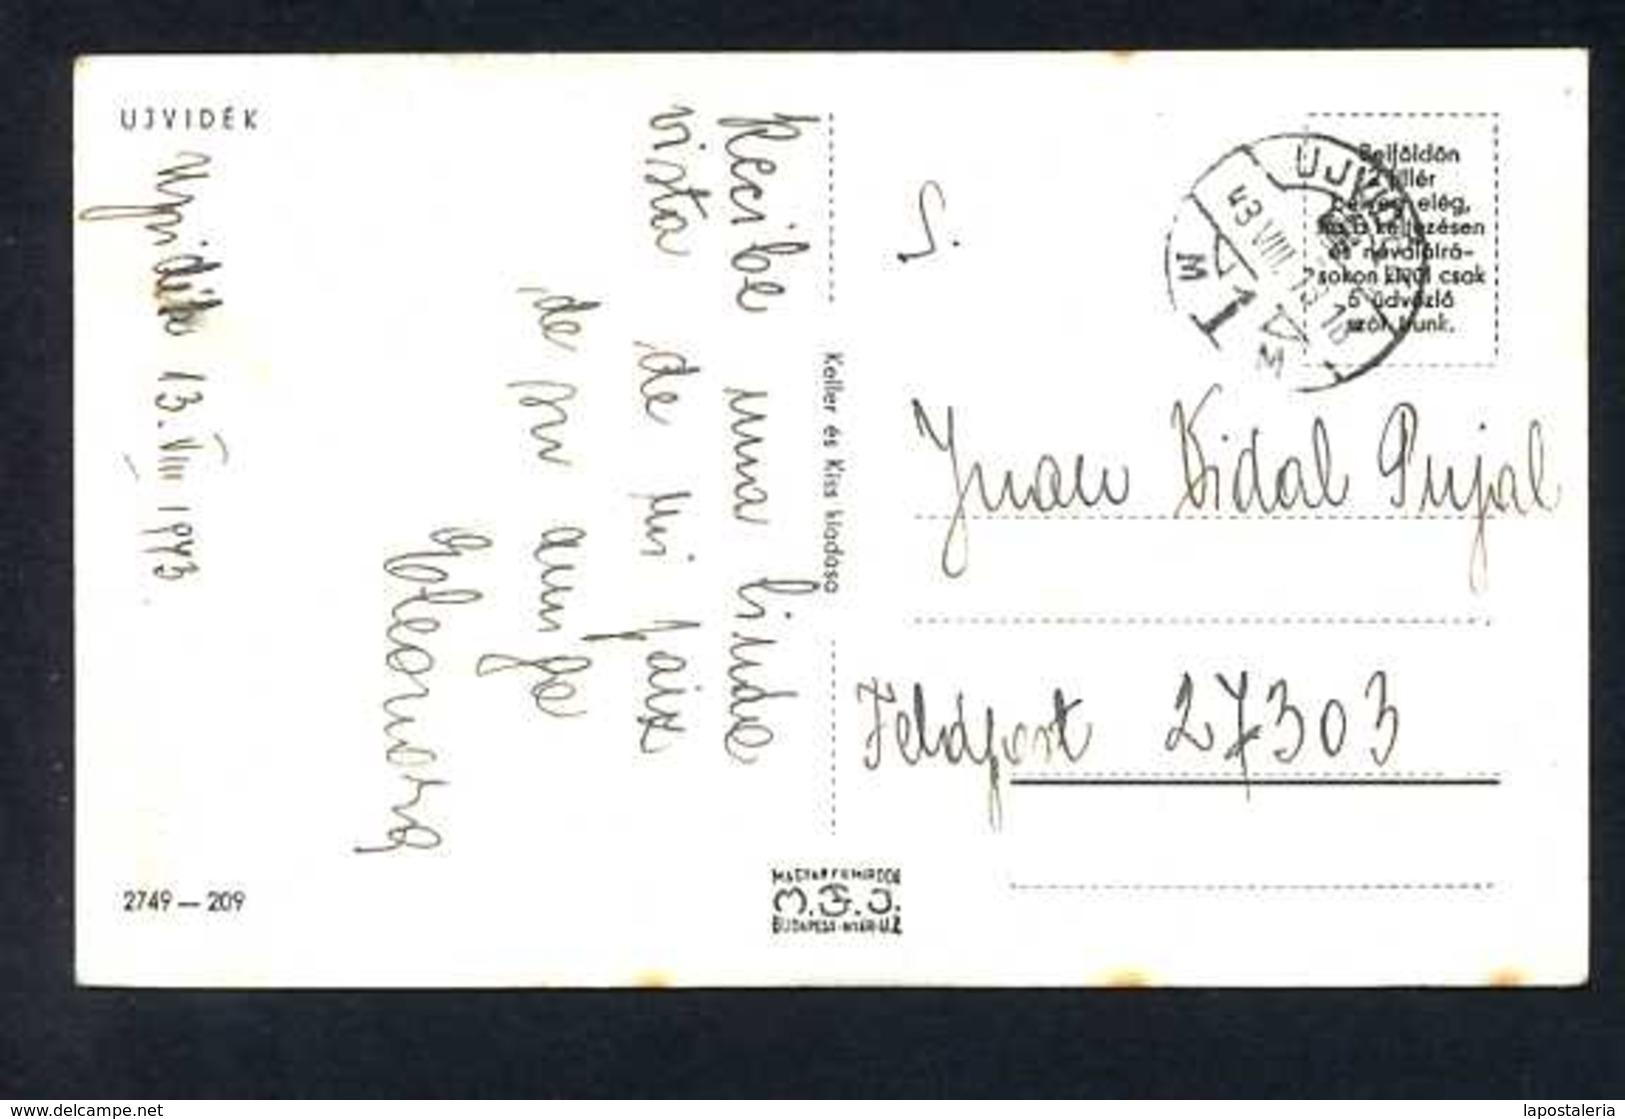 Ujvidék. Ed. M.F.J. Nº 2749-209. Circulada Sin Sello En 1943. - Hungría